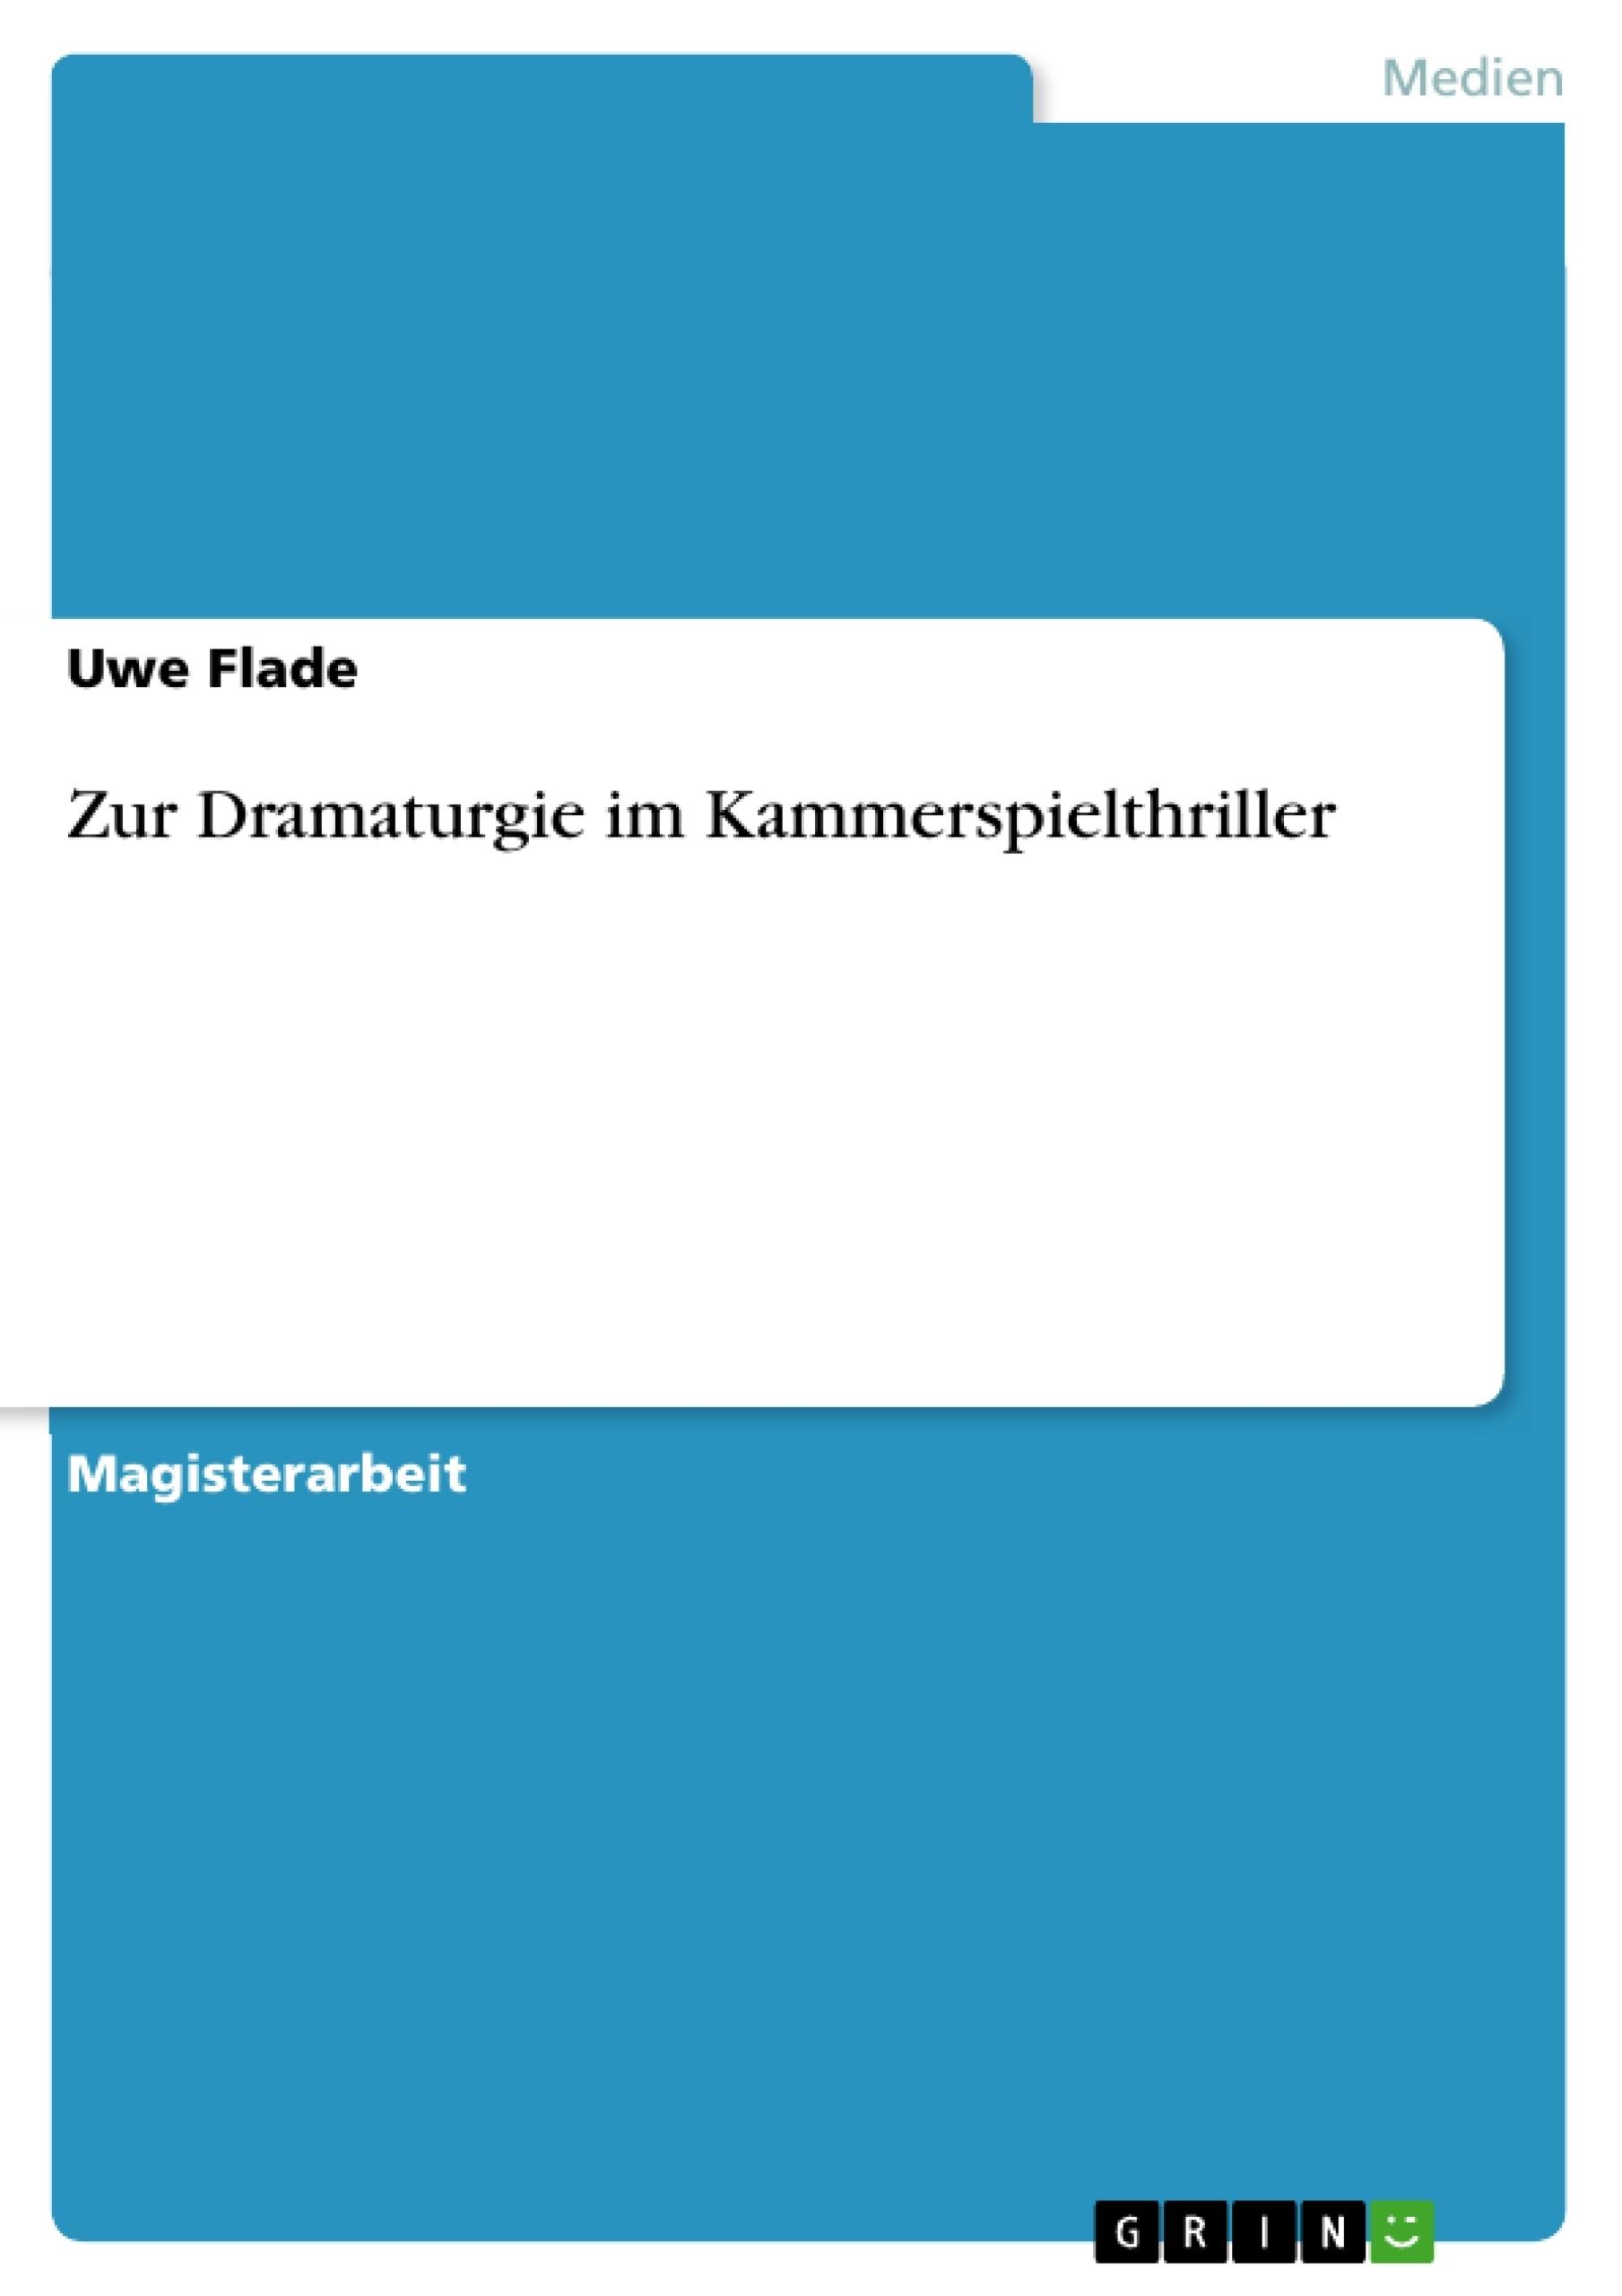 Titel: Zur Dramaturgie im Kammerspielthriller